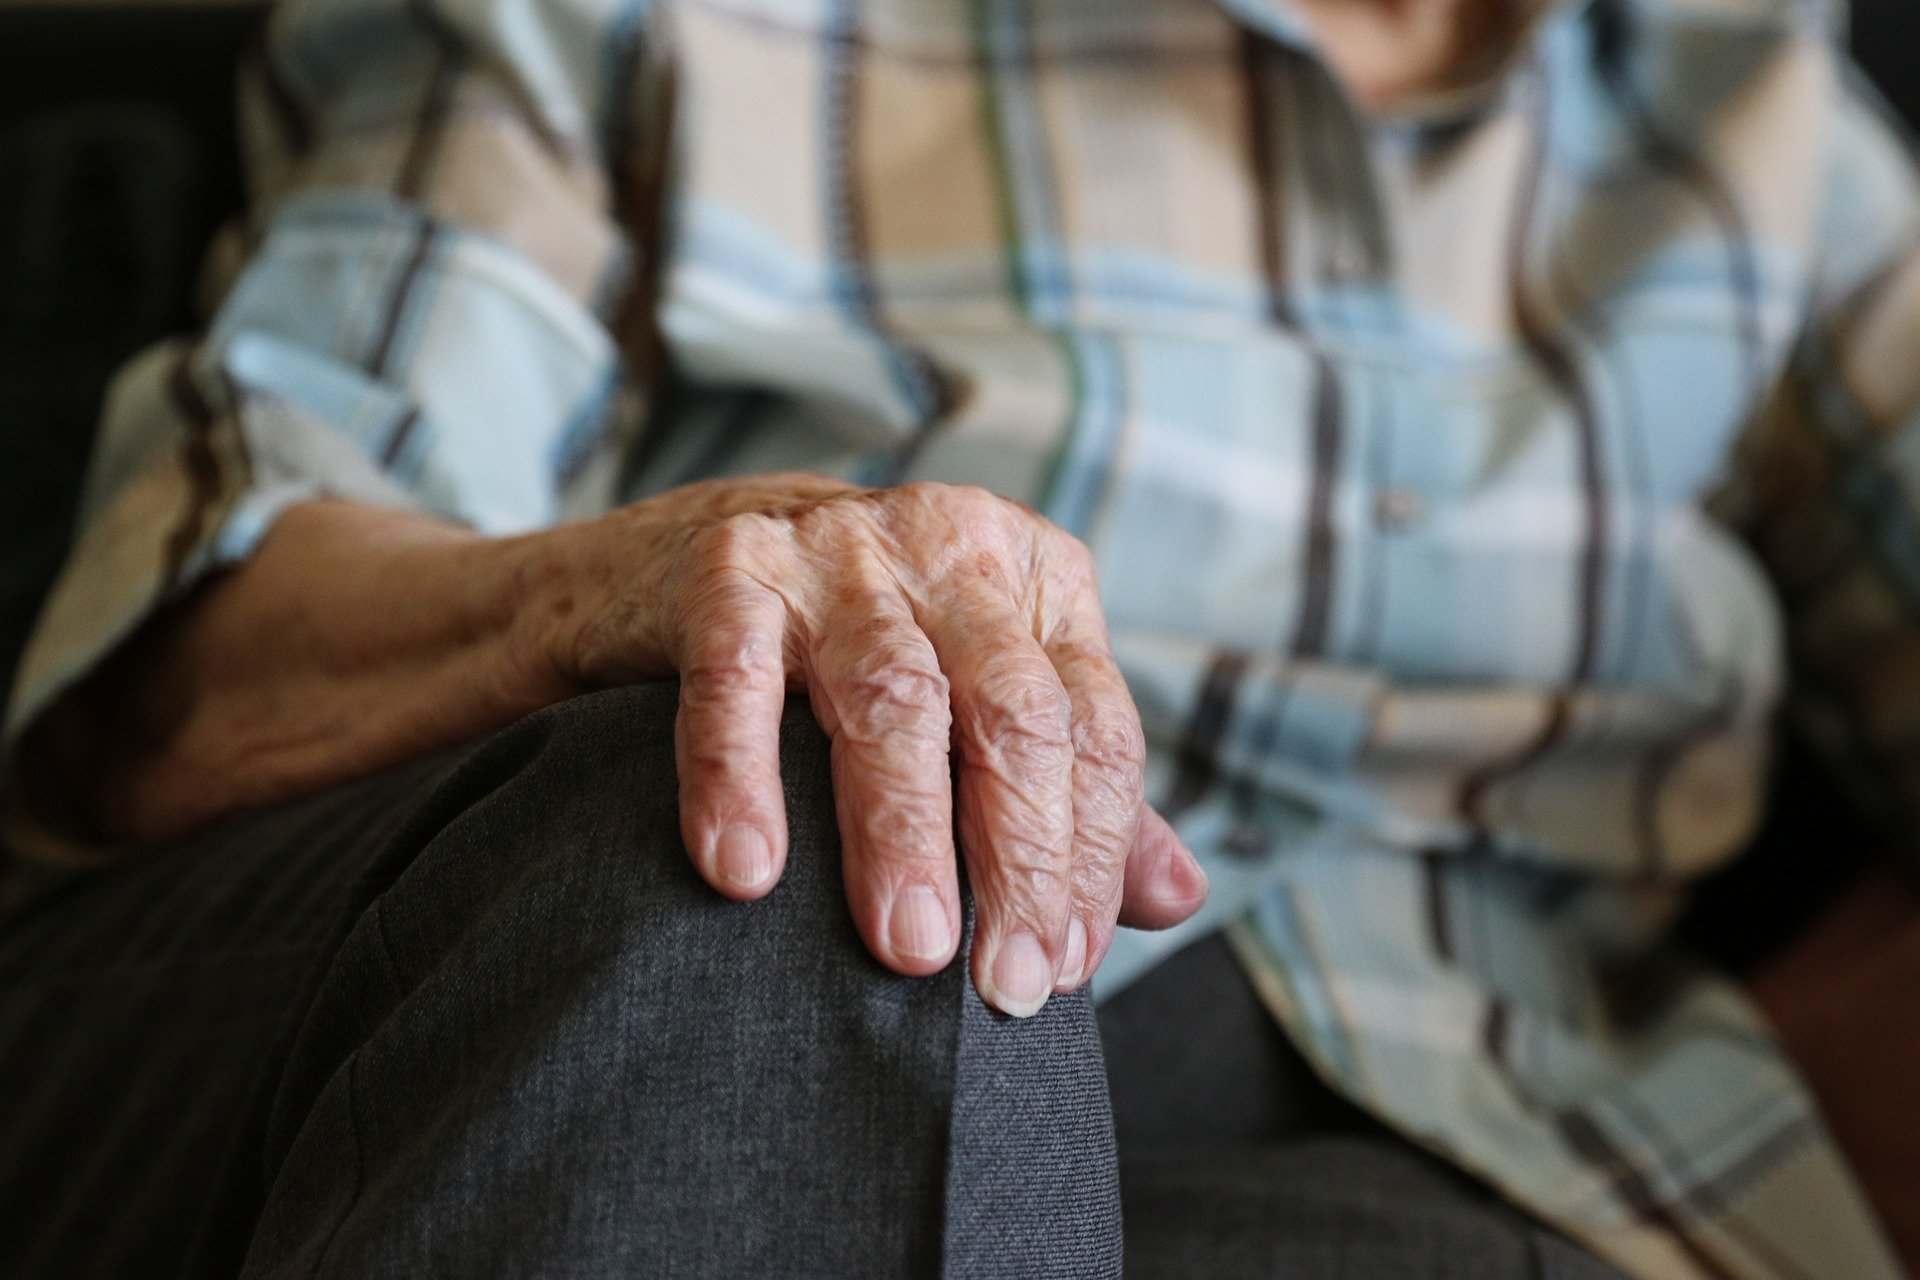 В Новороссийске свел счеты с жизнью 85-летний мужчина, который тосковал по своей супруге